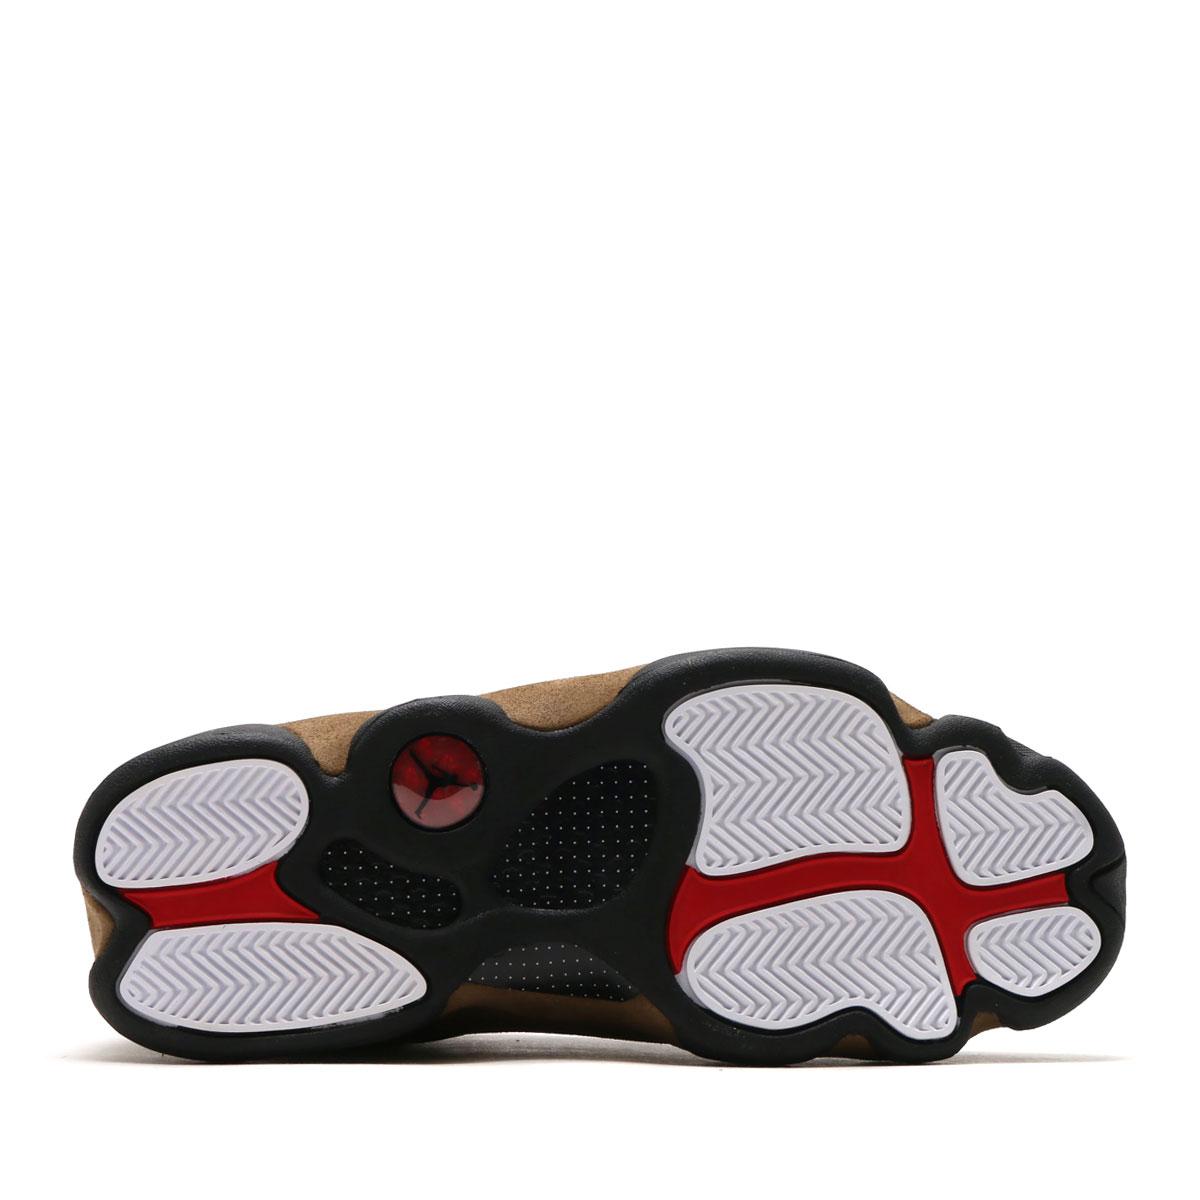 84db8383f5e2e5 NIKE AIR JORDAN 13 RETRO (nostalgic Nike Air Jordan 13) (BLACK GYM RED-LIGHT  OLIVE-WHITE) 18SP-S